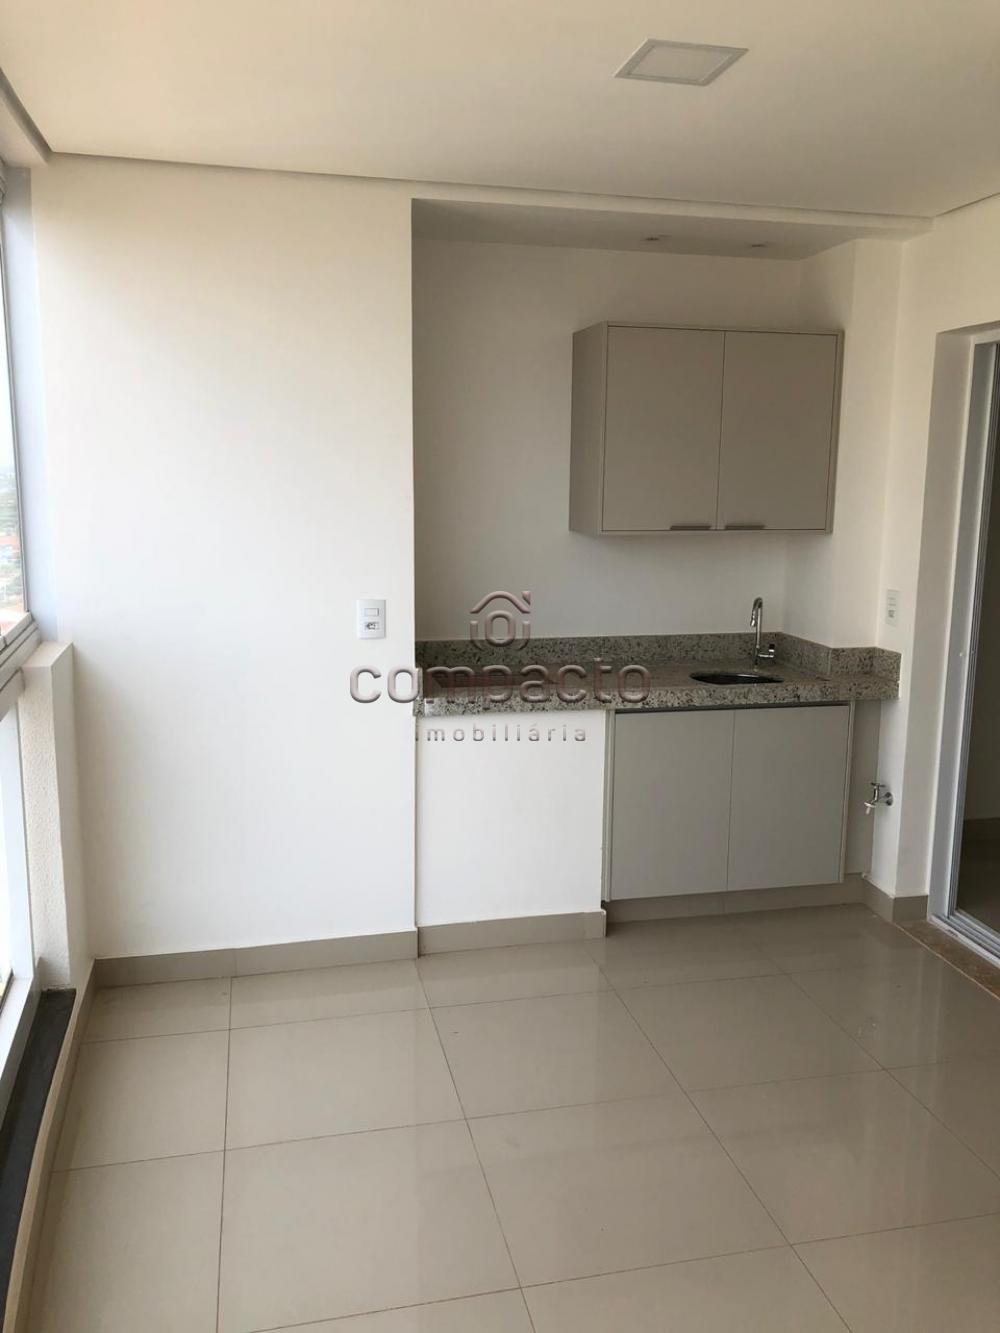 Alugar Apartamento / Padrão em São José do Rio Preto apenas R$ 3.000,00 - Foto 6